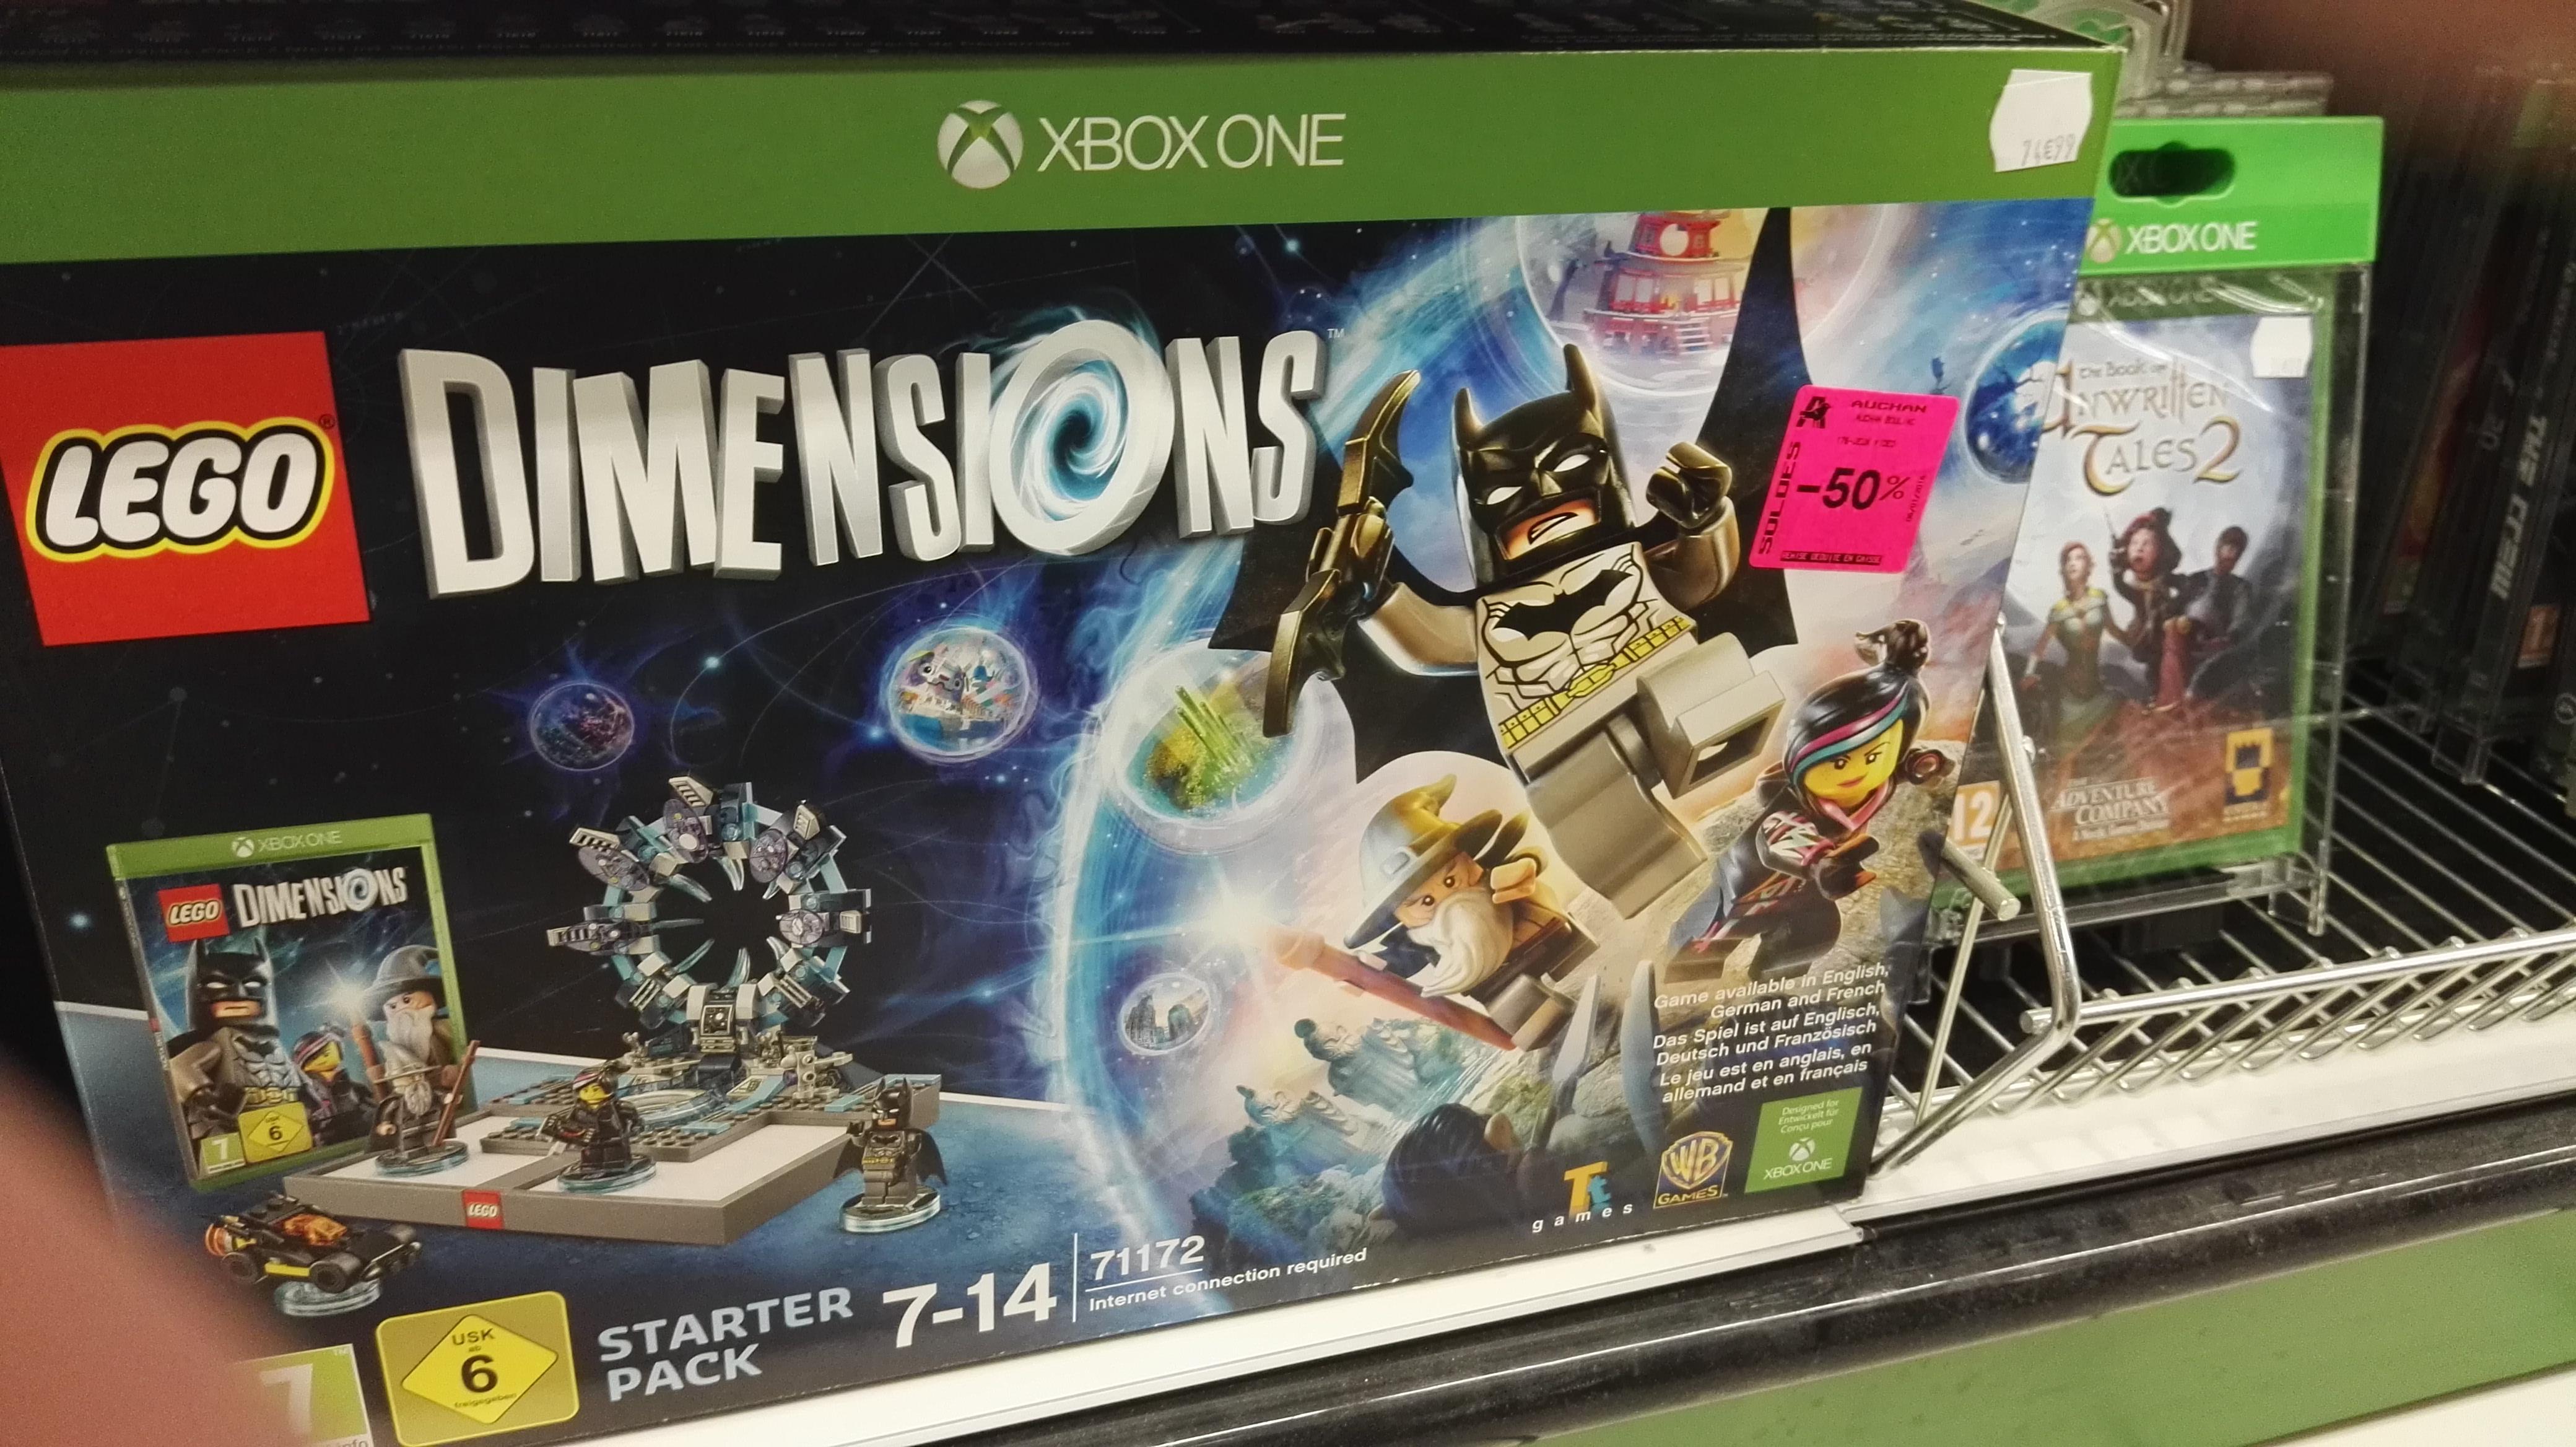 Sélection de packs Skylanders et Lego en promotion - Ex : lego dimension sur Xbox One